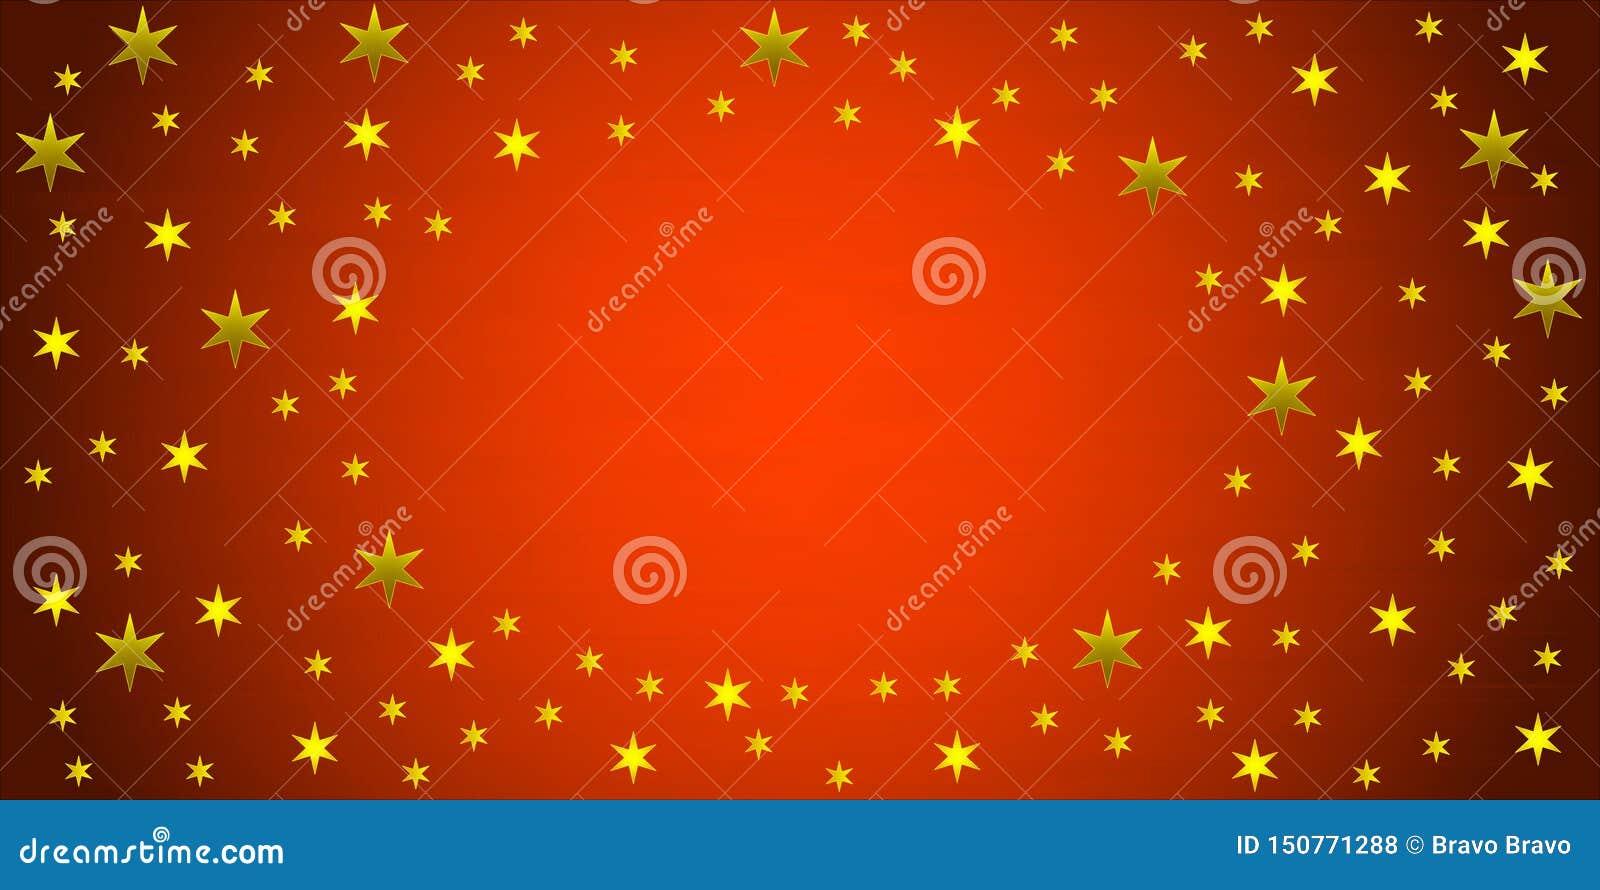 背景图的星形壁纸库存例证 插画包括有平面 美元 重造 货币 商业